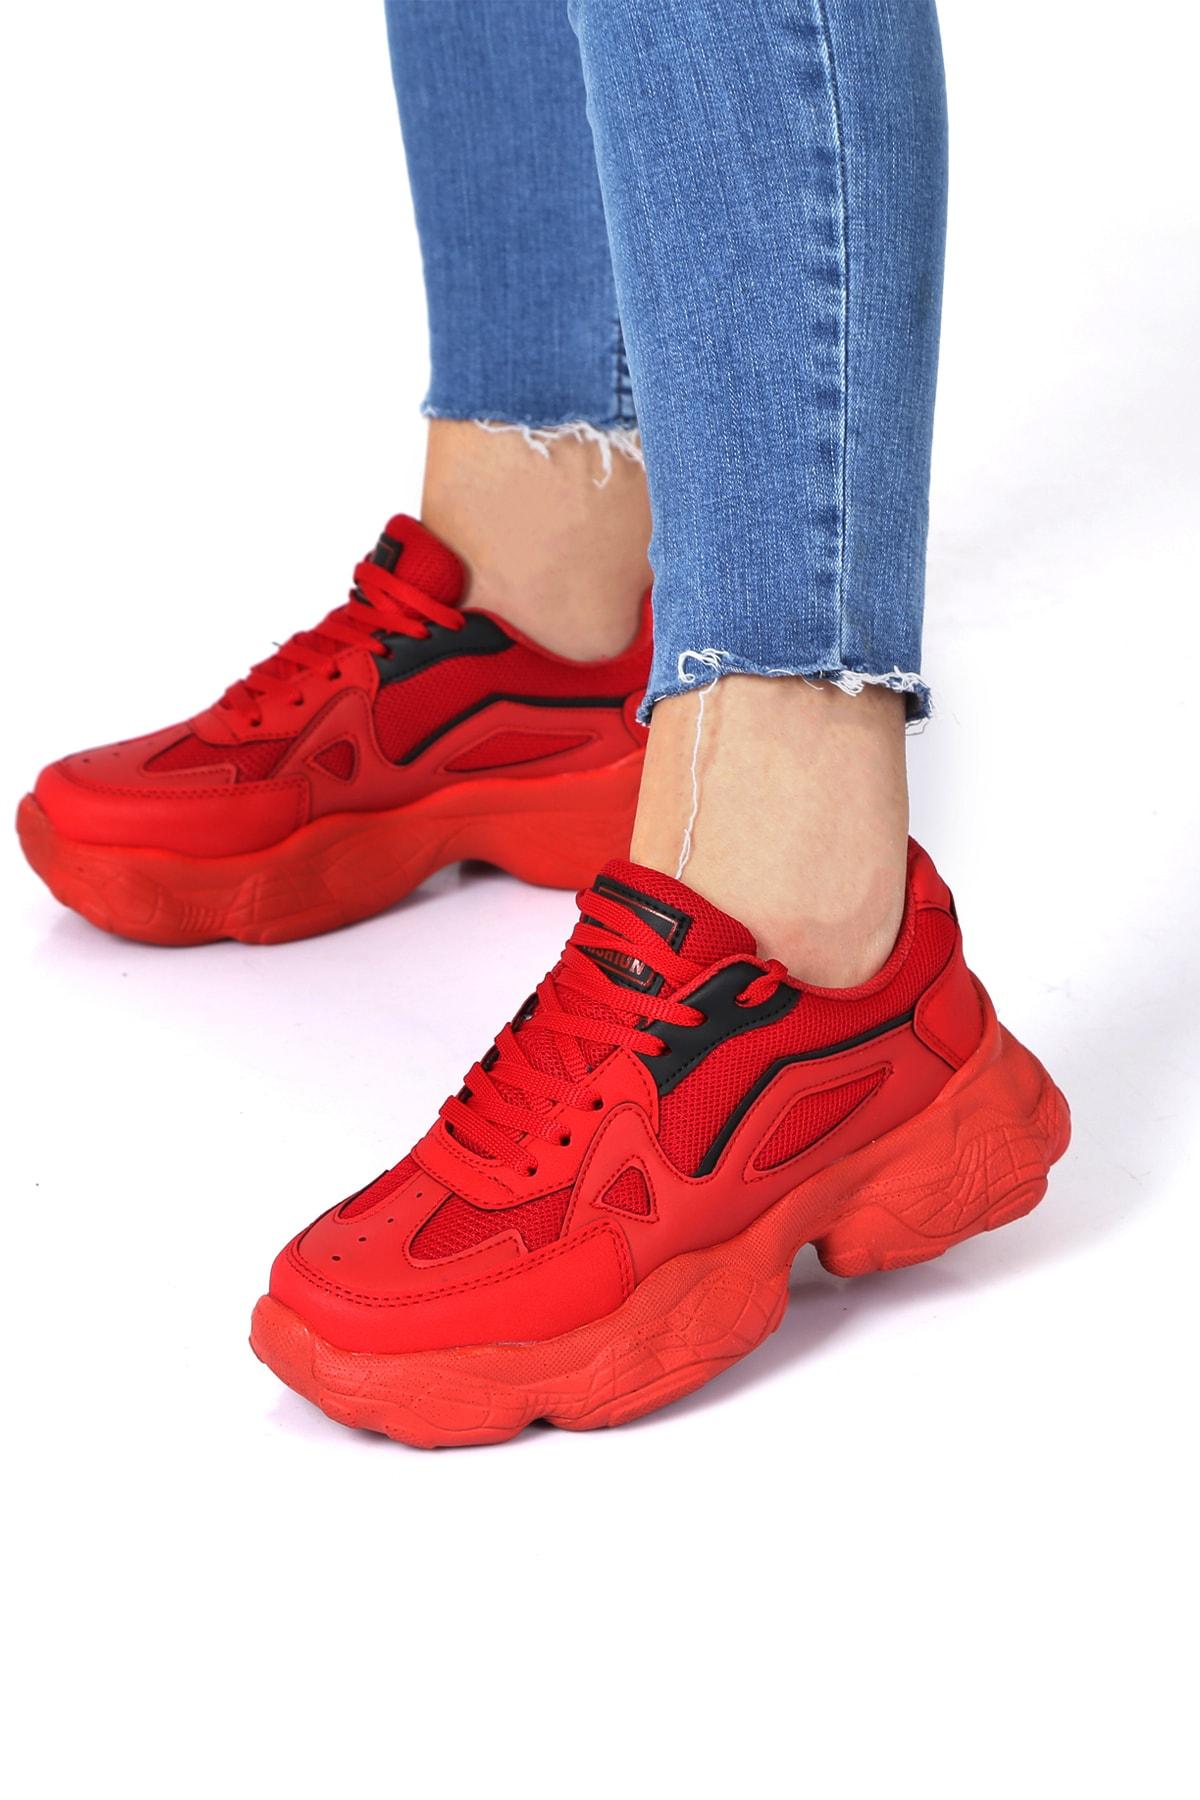 ICELAKE Kadın Sneaker Ybm-s997 1